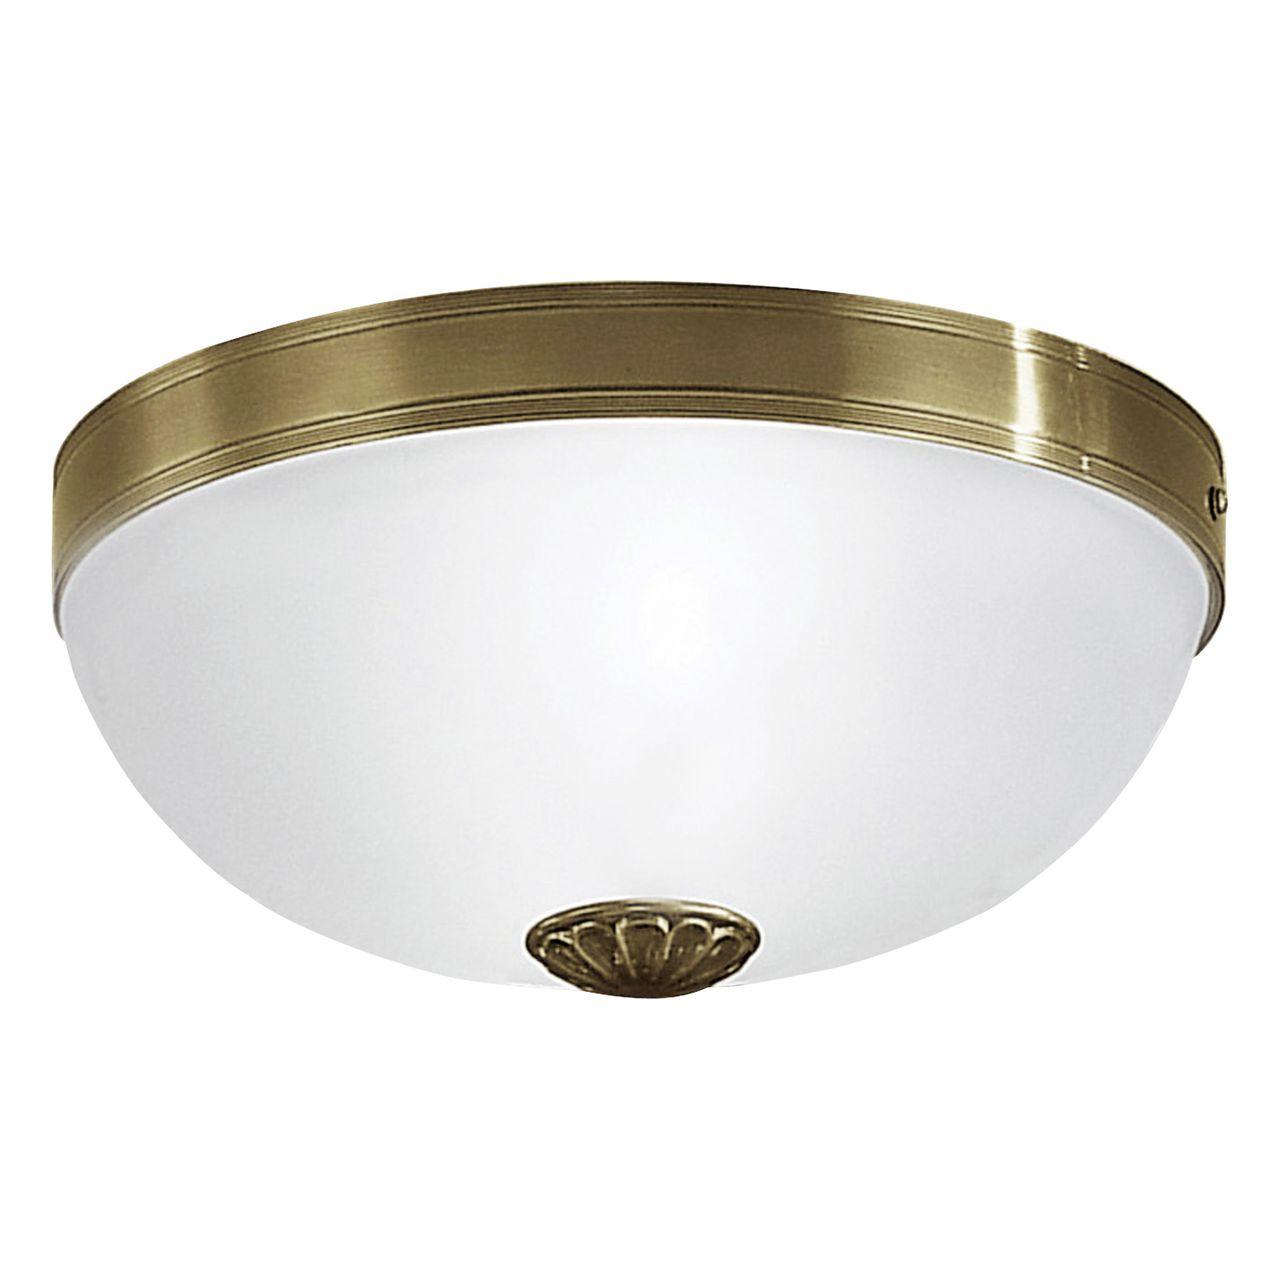 Потолочный светильник Eglo Imperial 82741 потолочный светильник eglo arenella 96653